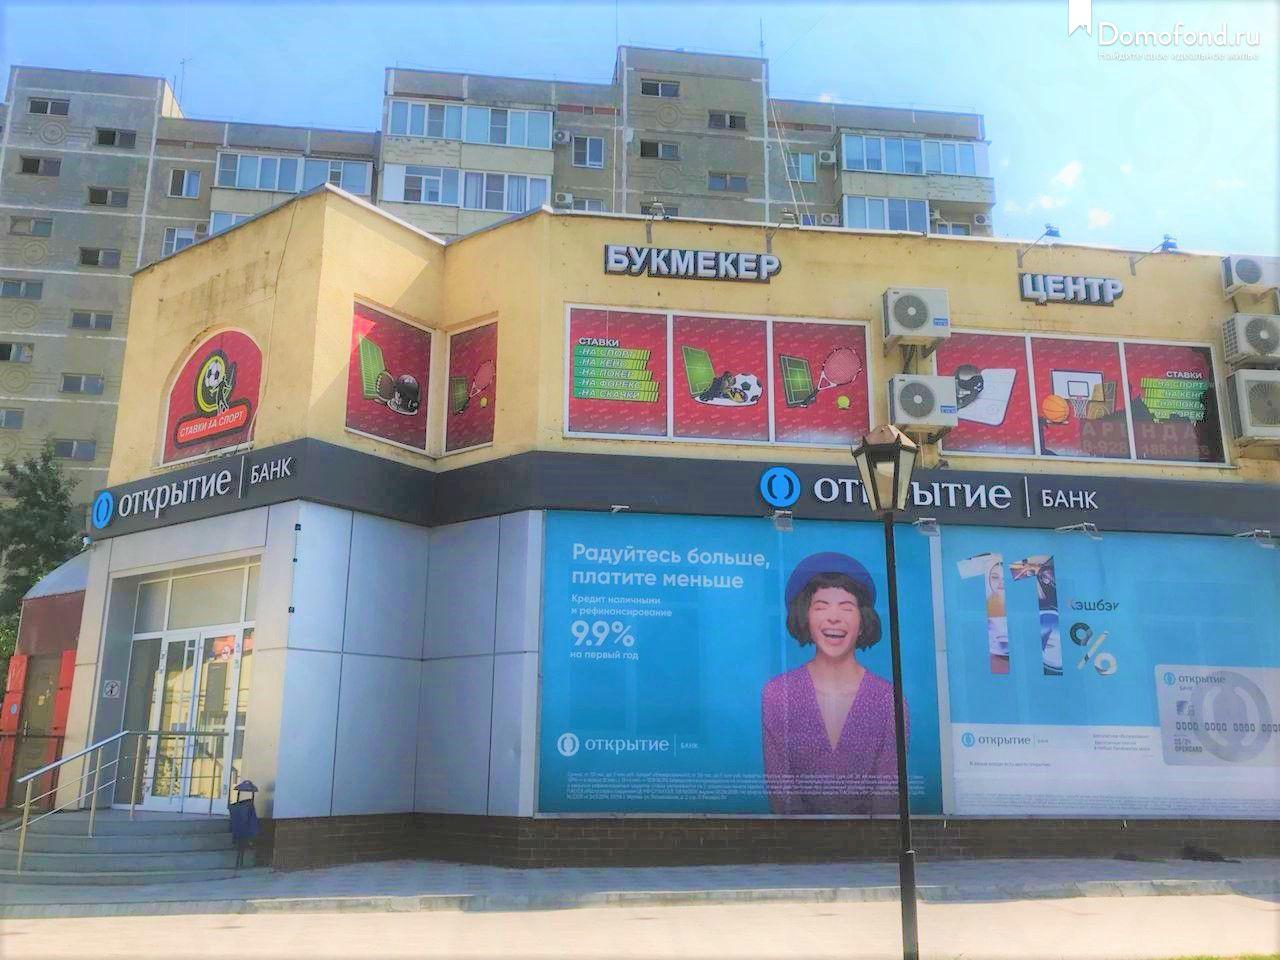 кредит под залог недвижимости волгодонск